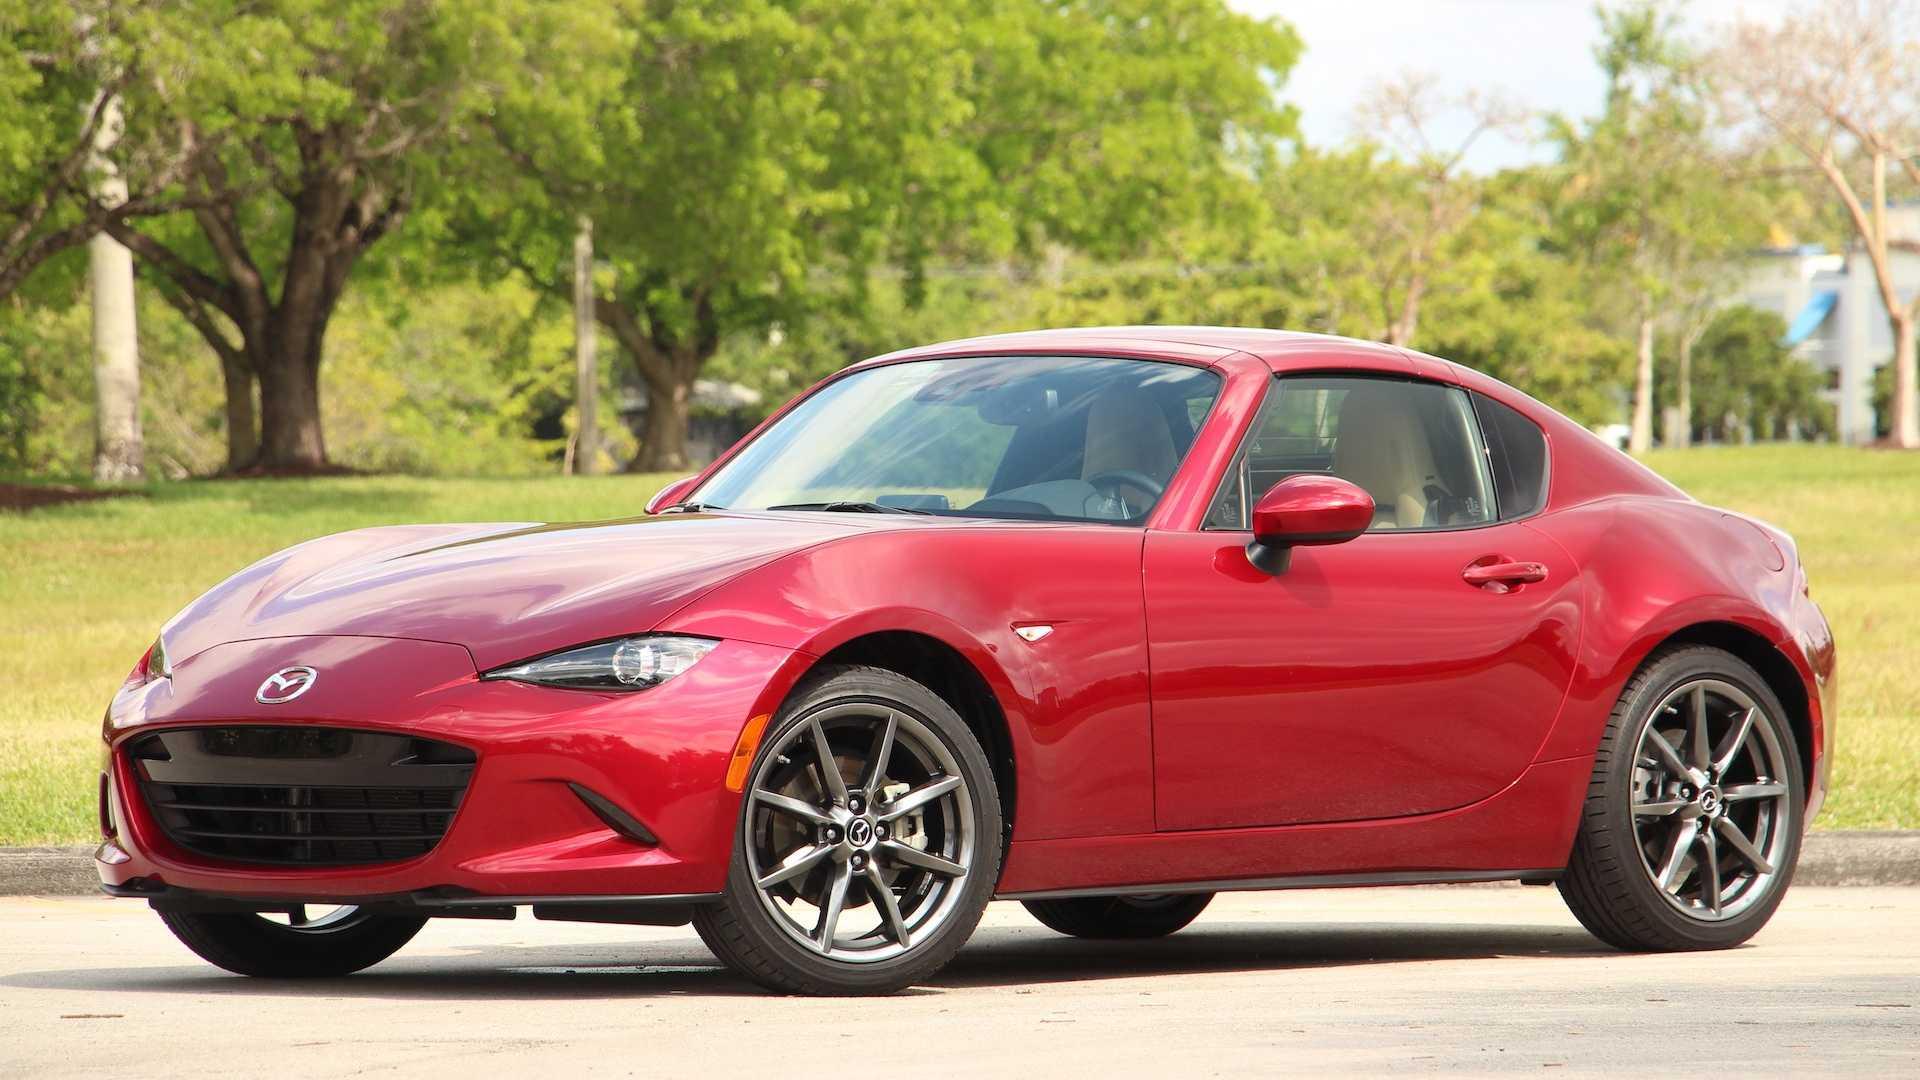 2020 Mazda MX 5 Miata 1 Una mirada más cercana al Mazda MX-5 Miata 2020